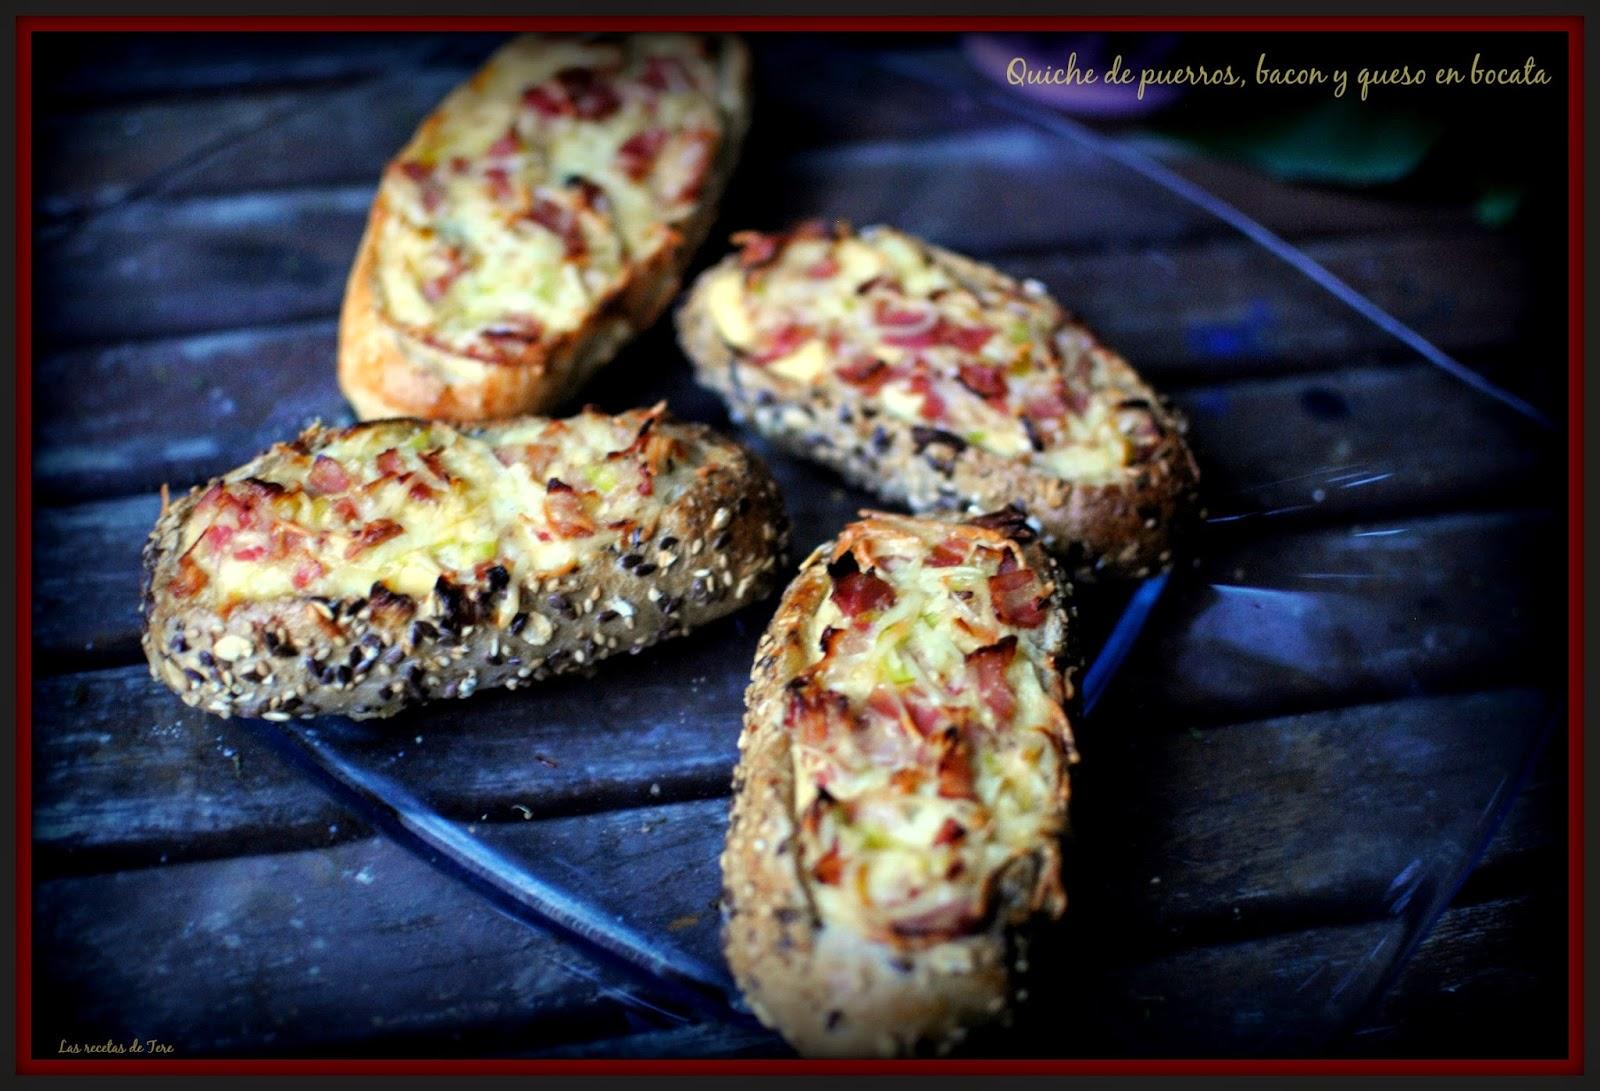 Quiche de puerros, bacon y queso en bocata 01